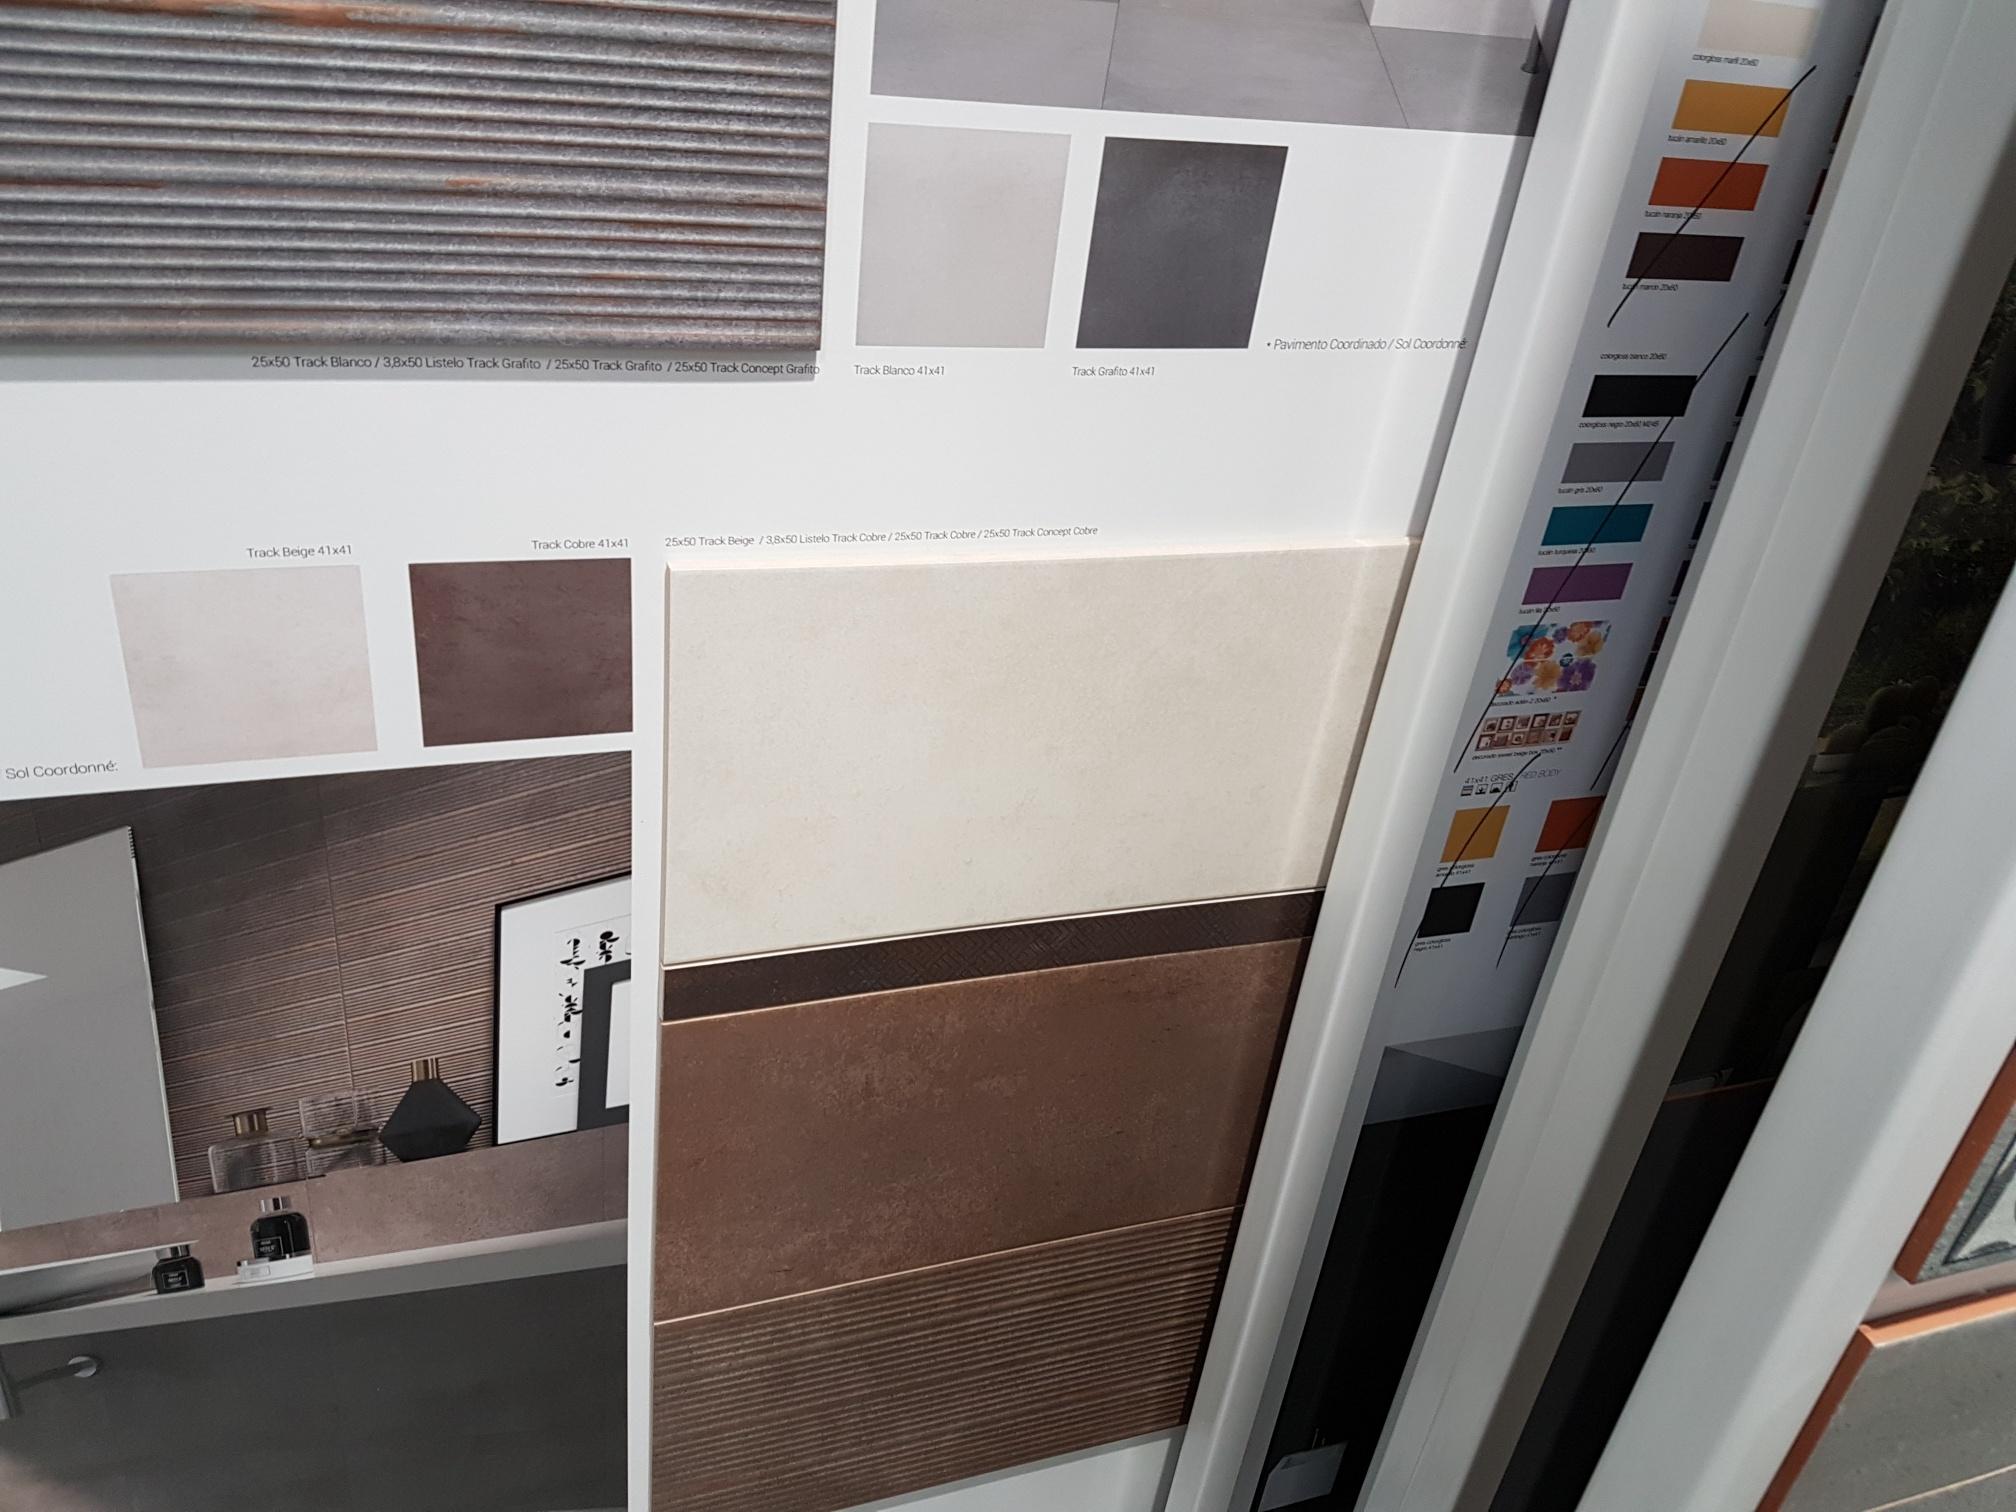 salle de bain carrele jusquau plafond ide pose carrelage mural salle de bain amazing best. Black Bedroom Furniture Sets. Home Design Ideas